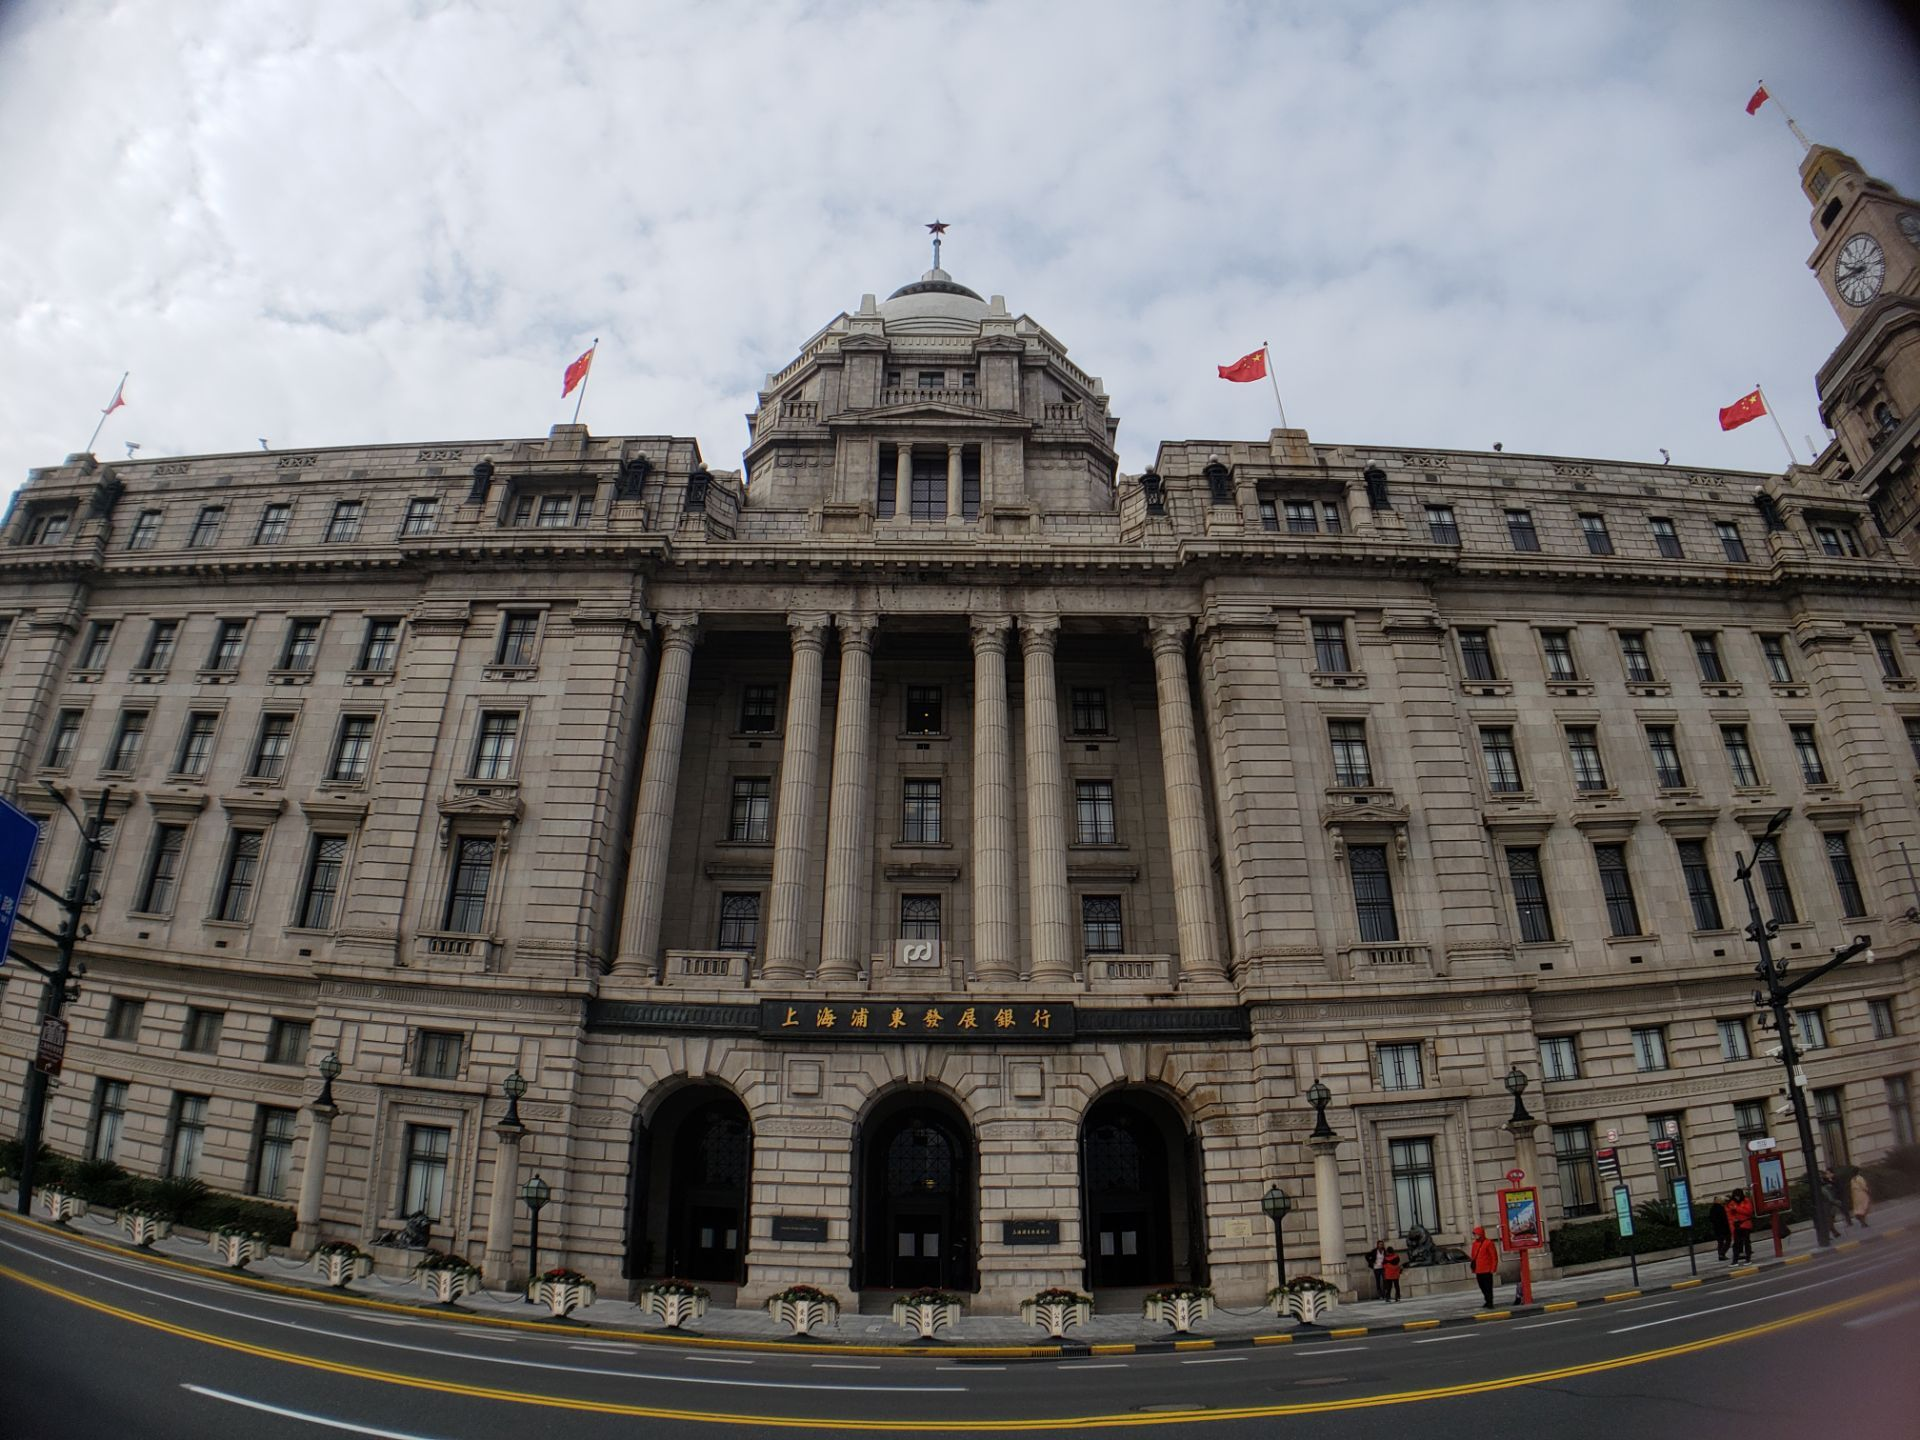 上海浦东银行_上海汇丰银行大楼好玩吗,上海汇丰银行大楼景点怎么样_点评 ...